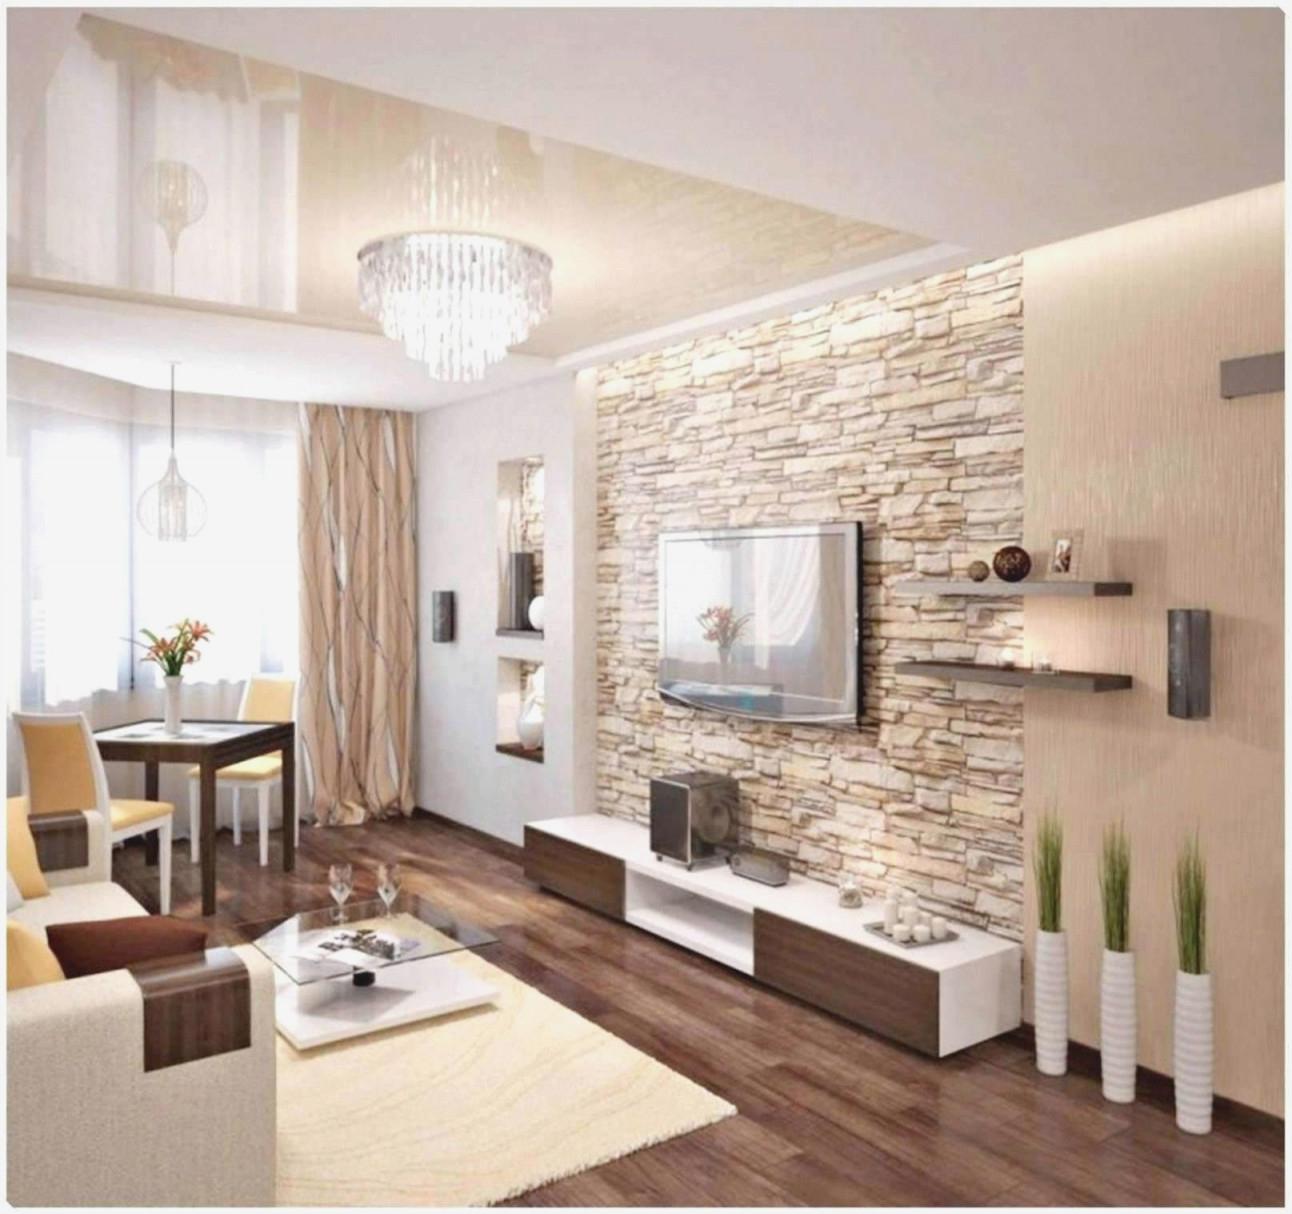 Grnoflanze Fr Warme Wohnzimmer  Wohnzimmer  Traumhaus von Wohnzimmer Warm Gestalten Bild